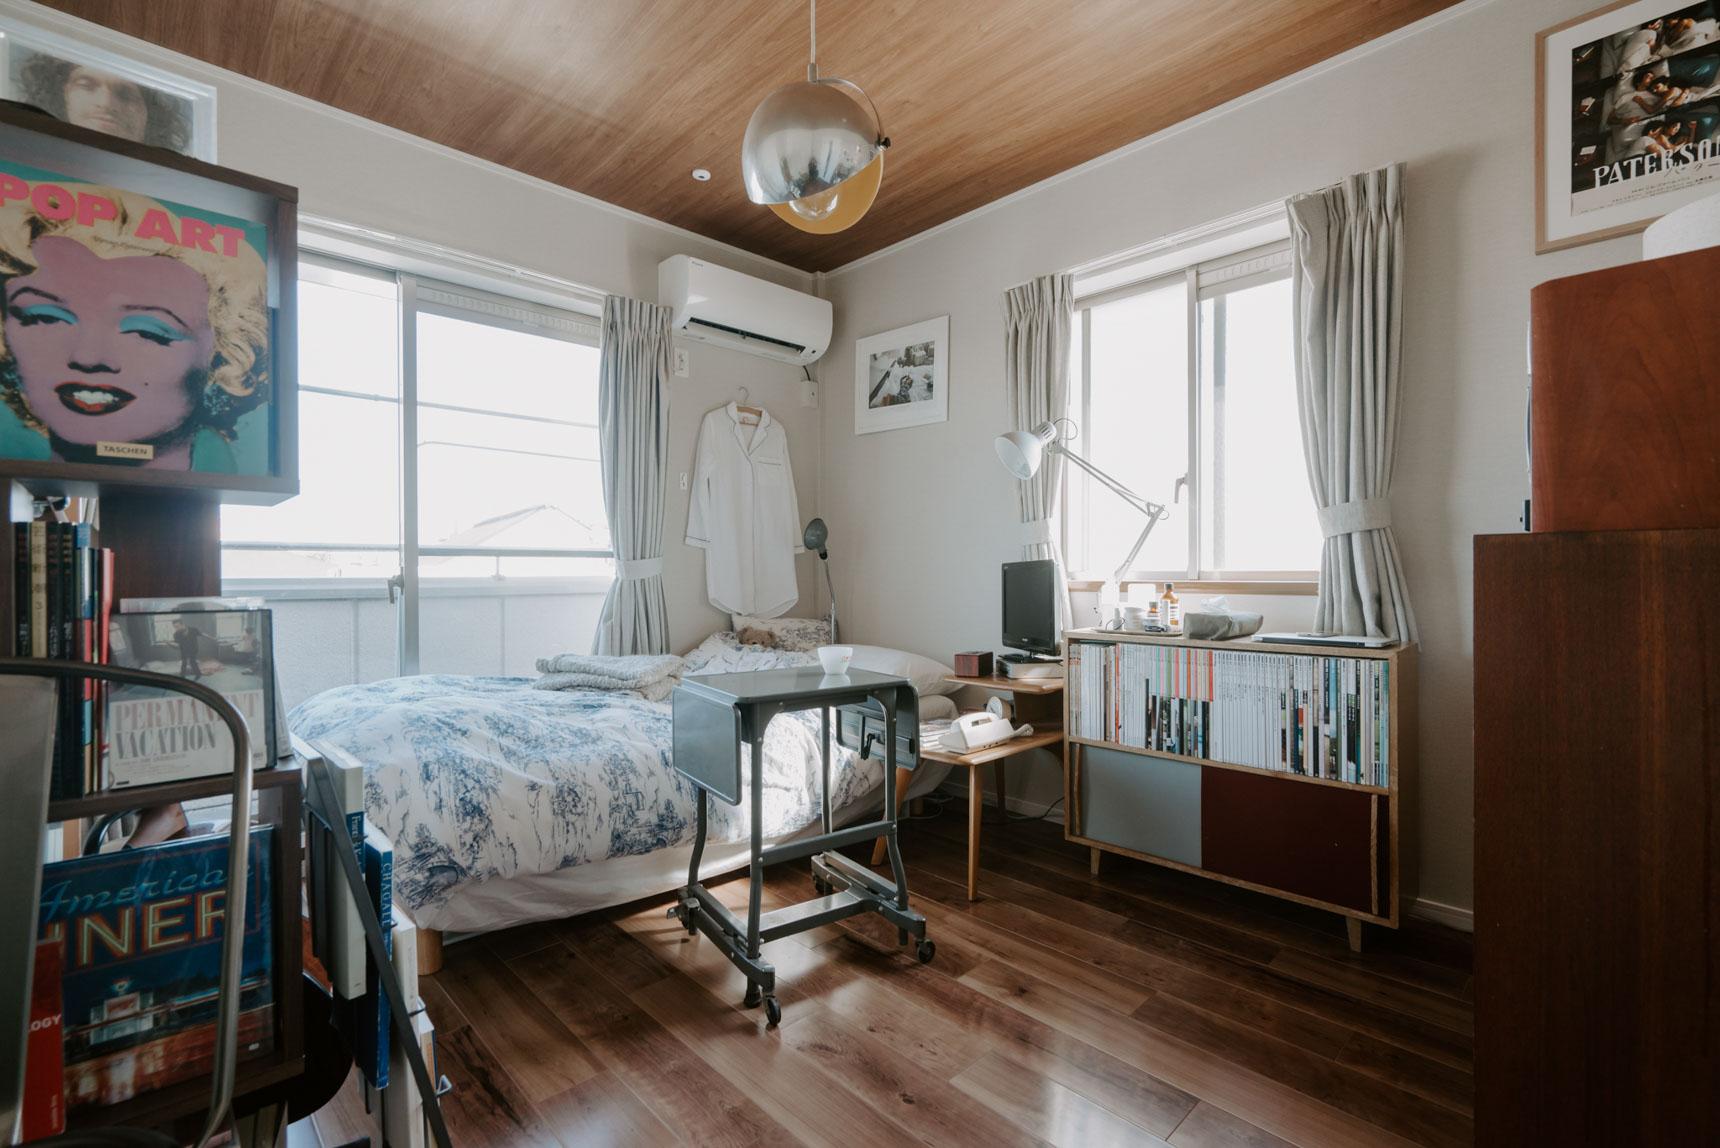 小さなお部屋で使うのに便利なフォールディングワゴンも、ACME furnitureらしいアイテム。(このお部屋はこちら)